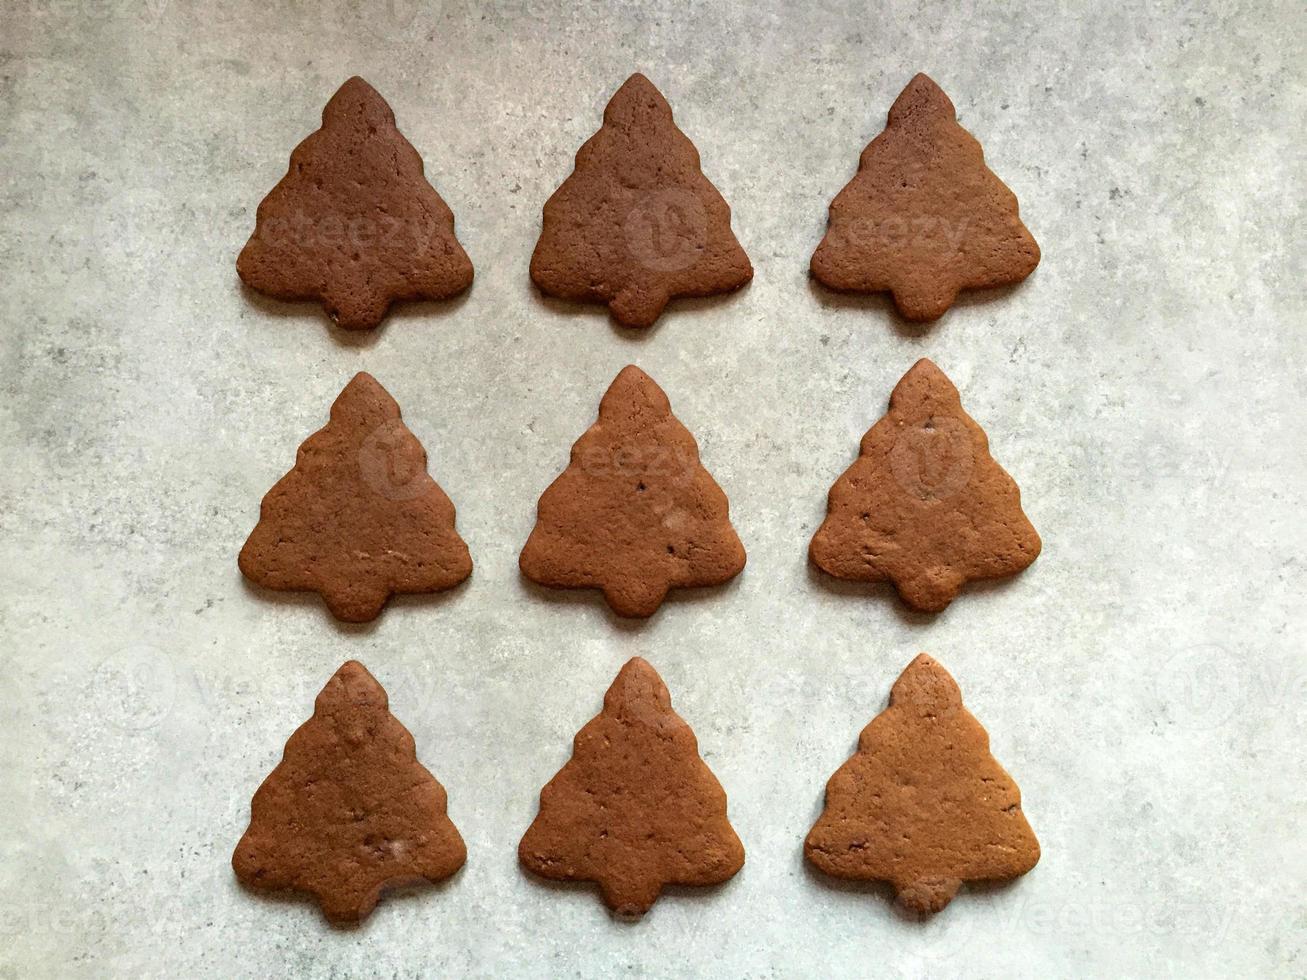 galletas de navidad de pan de jengibre con forma de árboles en la encimera de la cocina foto